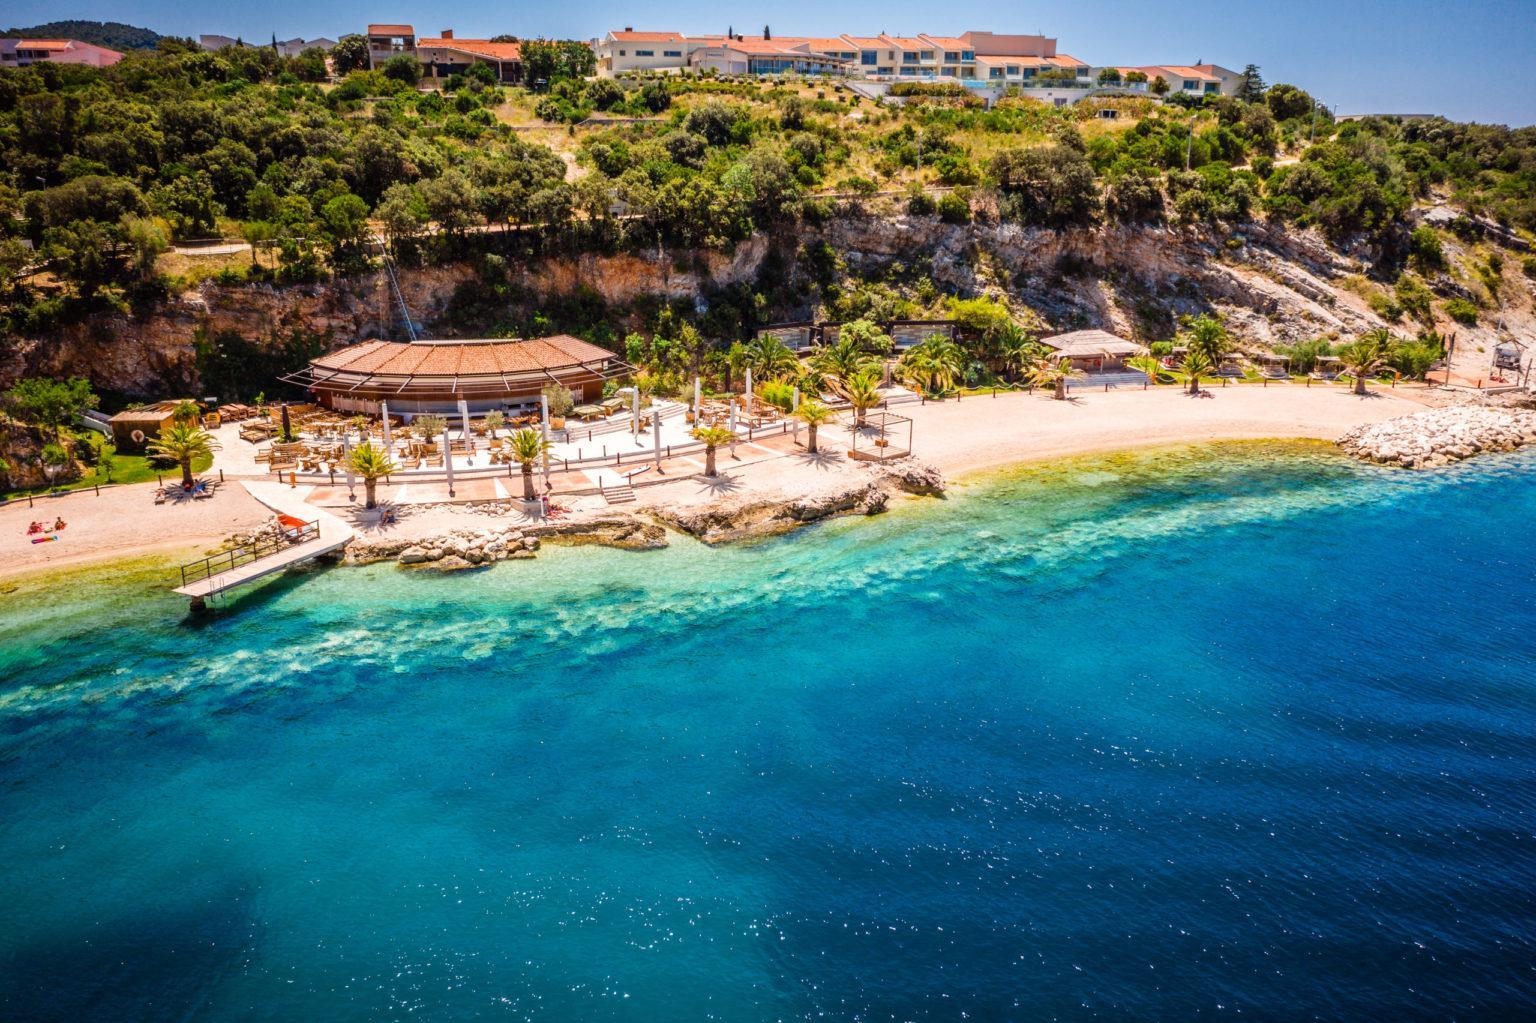 Heiraten im Beachclub am Meer mit Hotel Hochzeitslocation Location in Kroatien